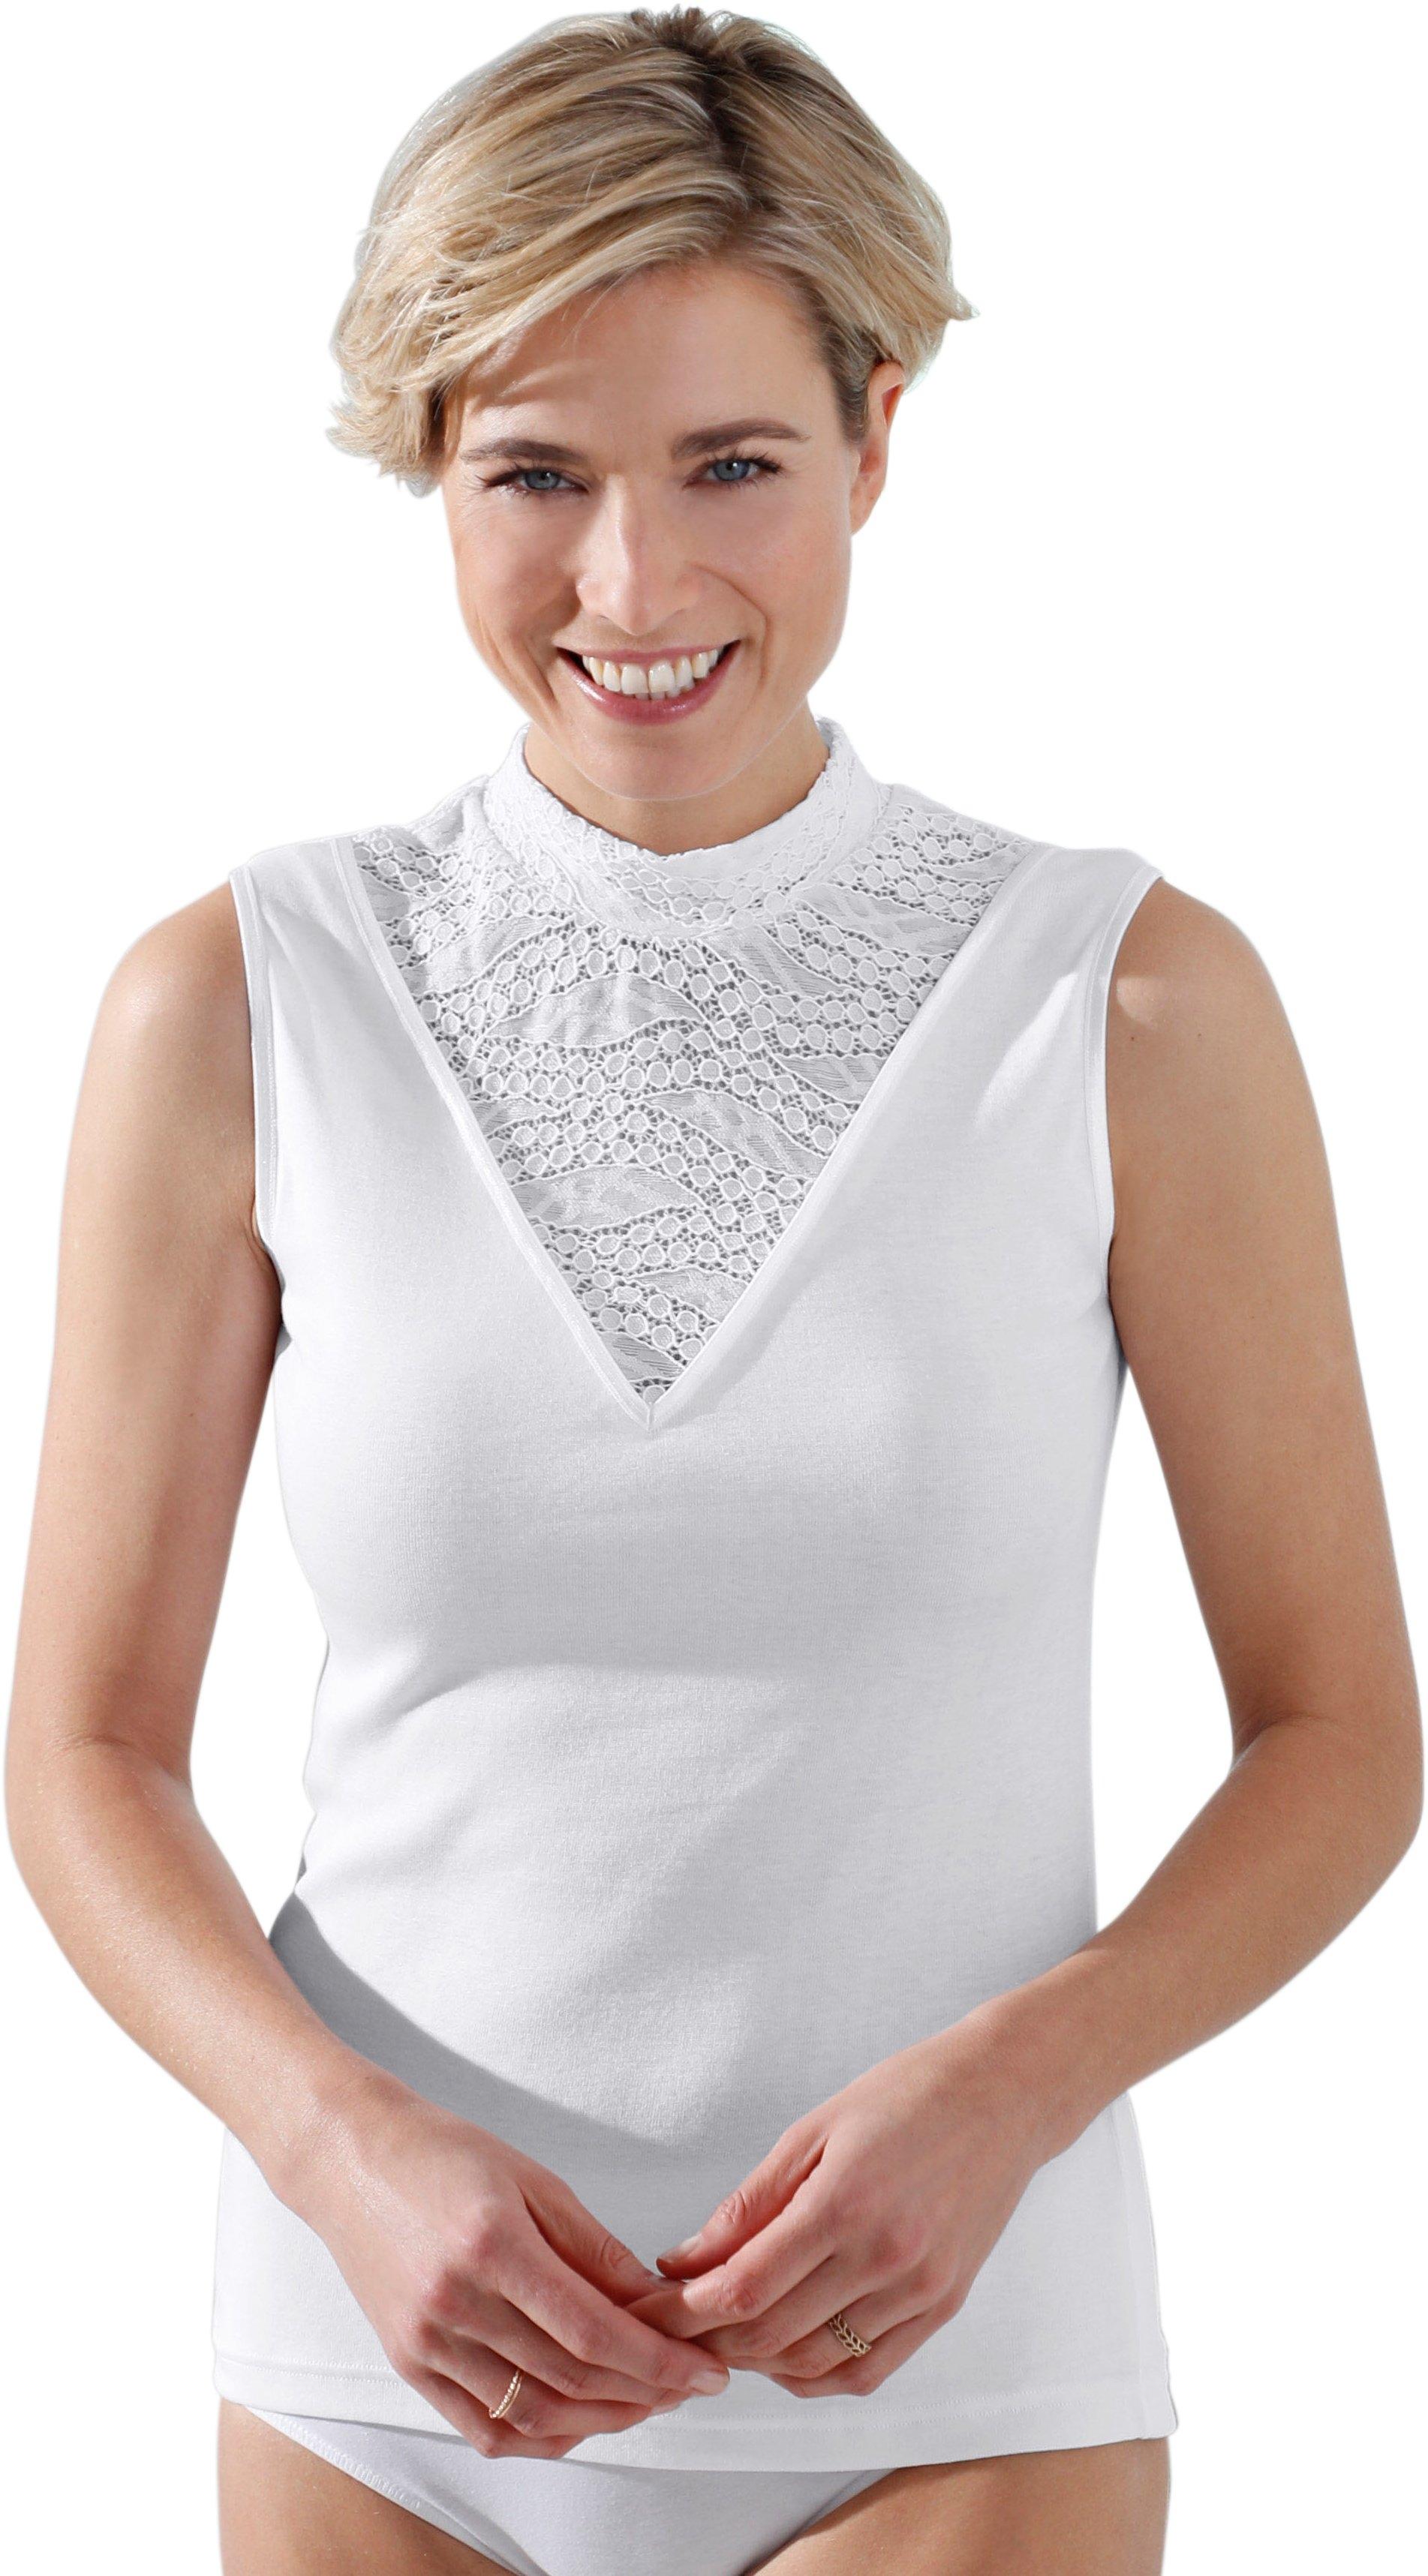 Wäschepur blazershirt nu online bestellen